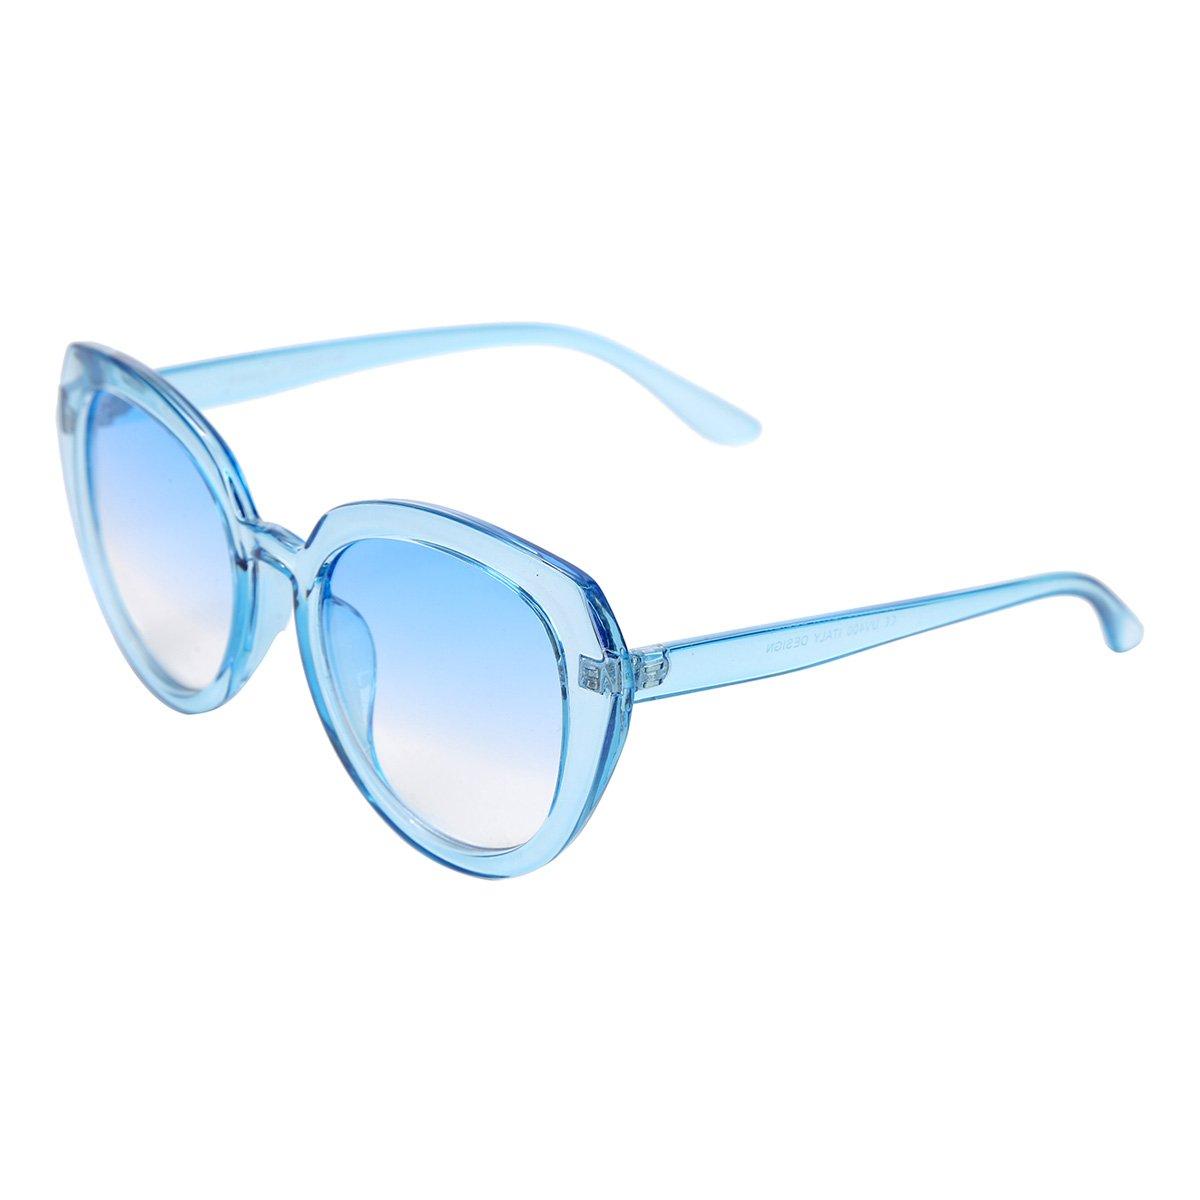 Óculos de Sol Polo London Club Acrílico Degradê Feminino